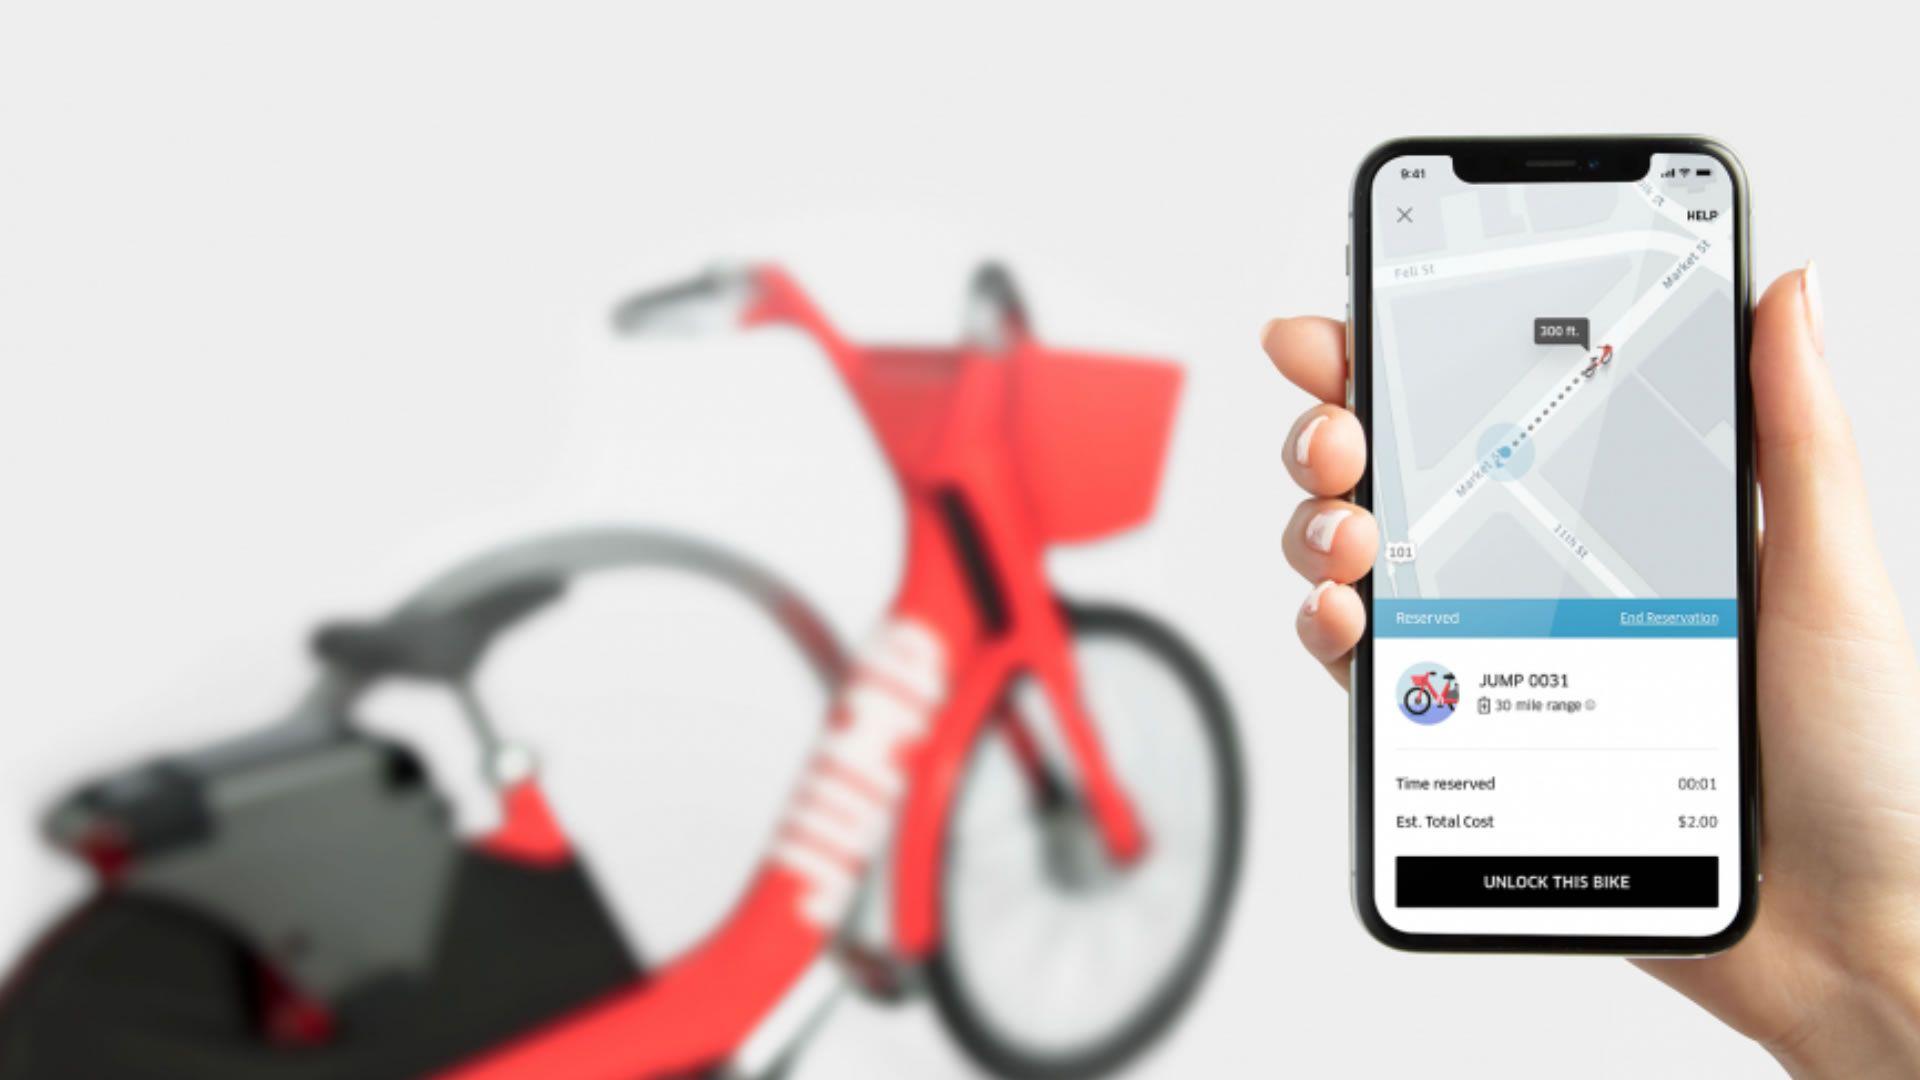 Ya podemos alquilar bicicletas eléctricas en Nueva York por US$ 2